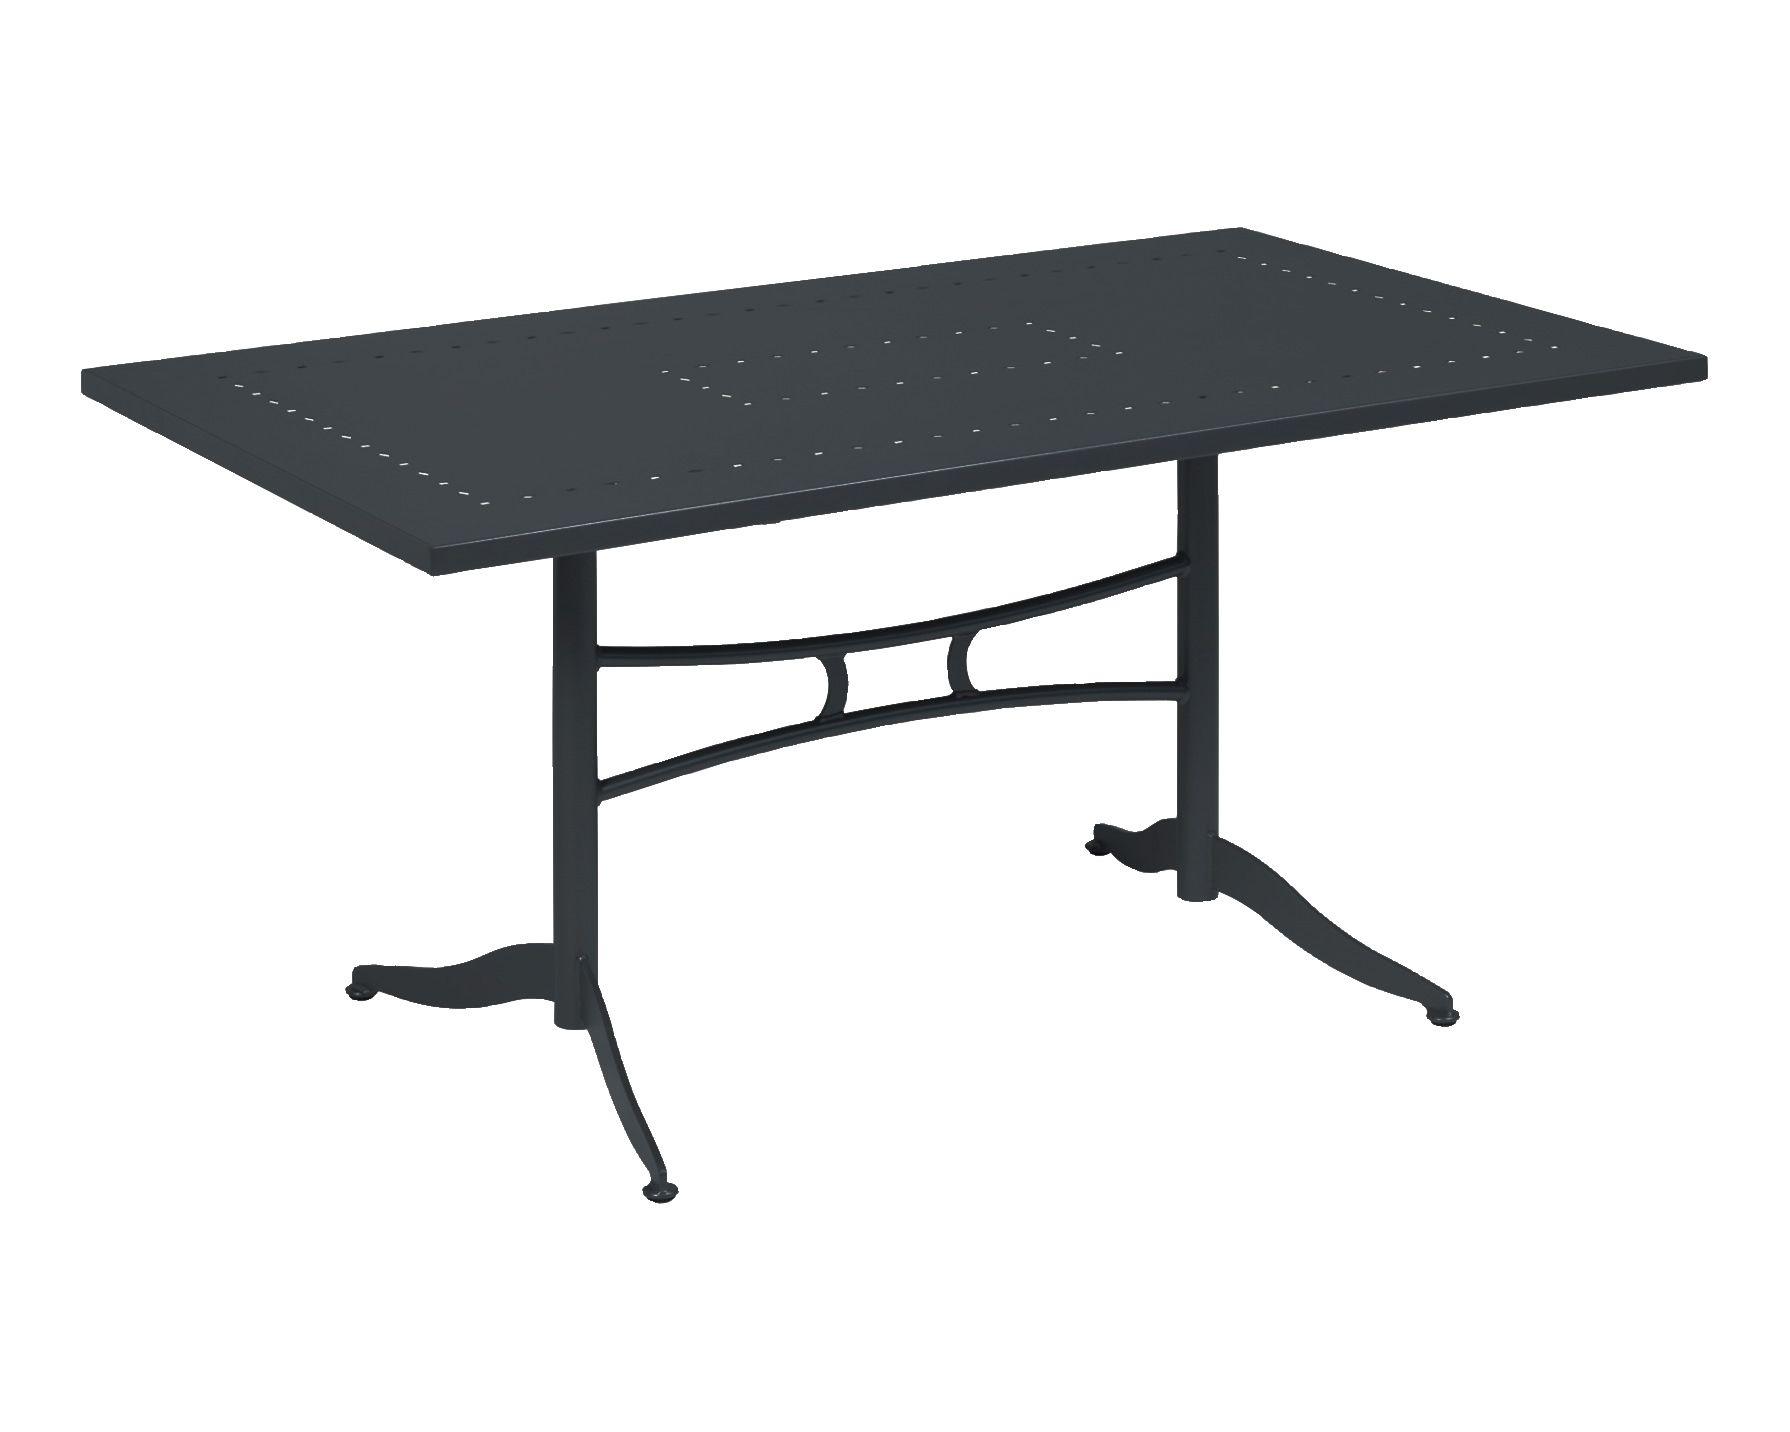 Tisch Kiro, 85x145 cm